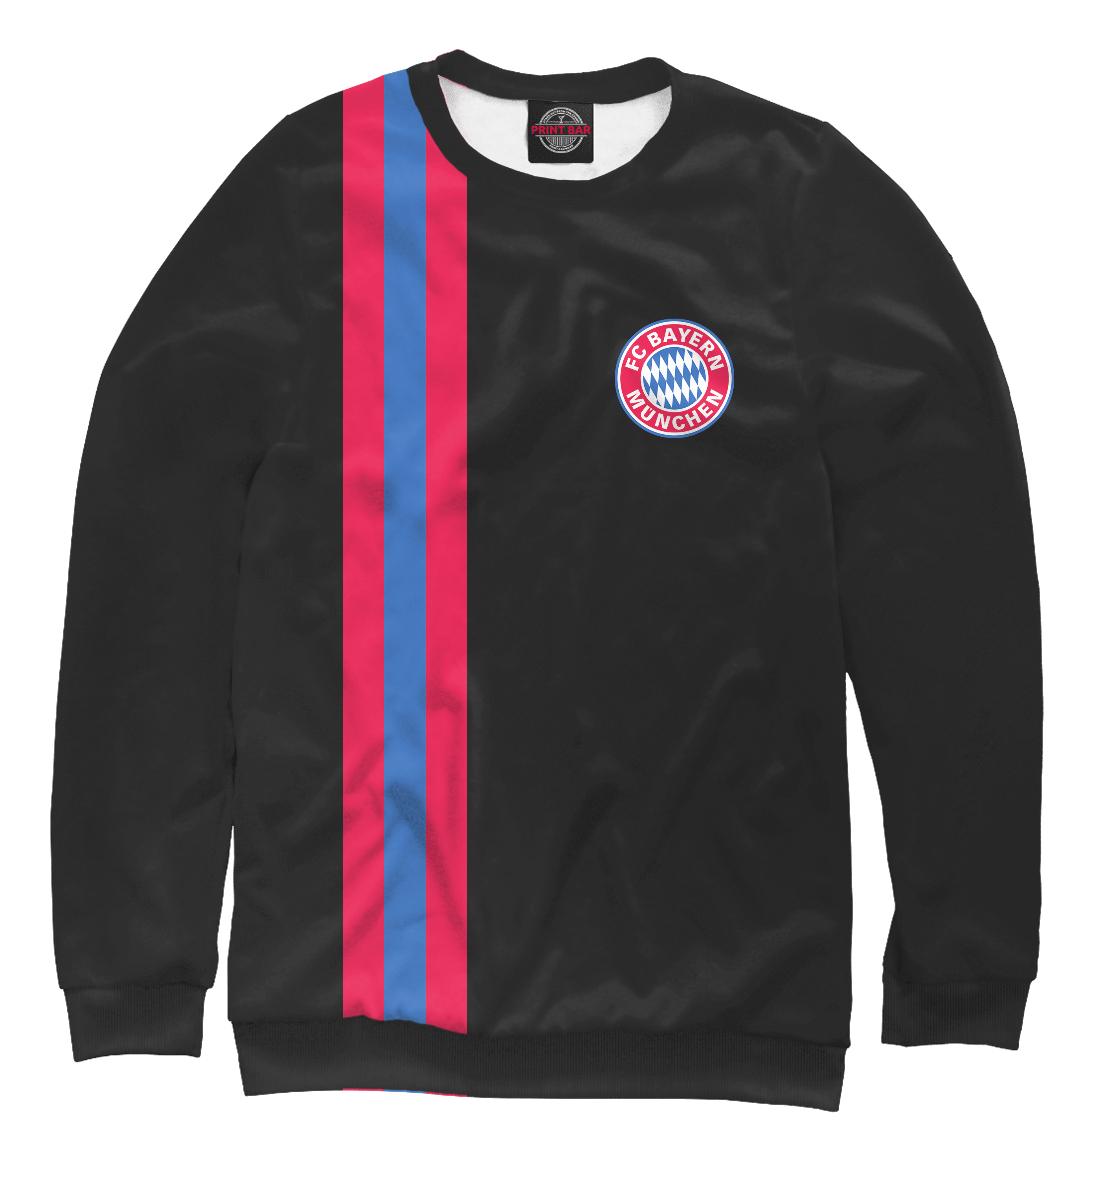 Купить Bayern Munchen Line Collection, Printbar, Свитшоты, BAY-723840-swi-1